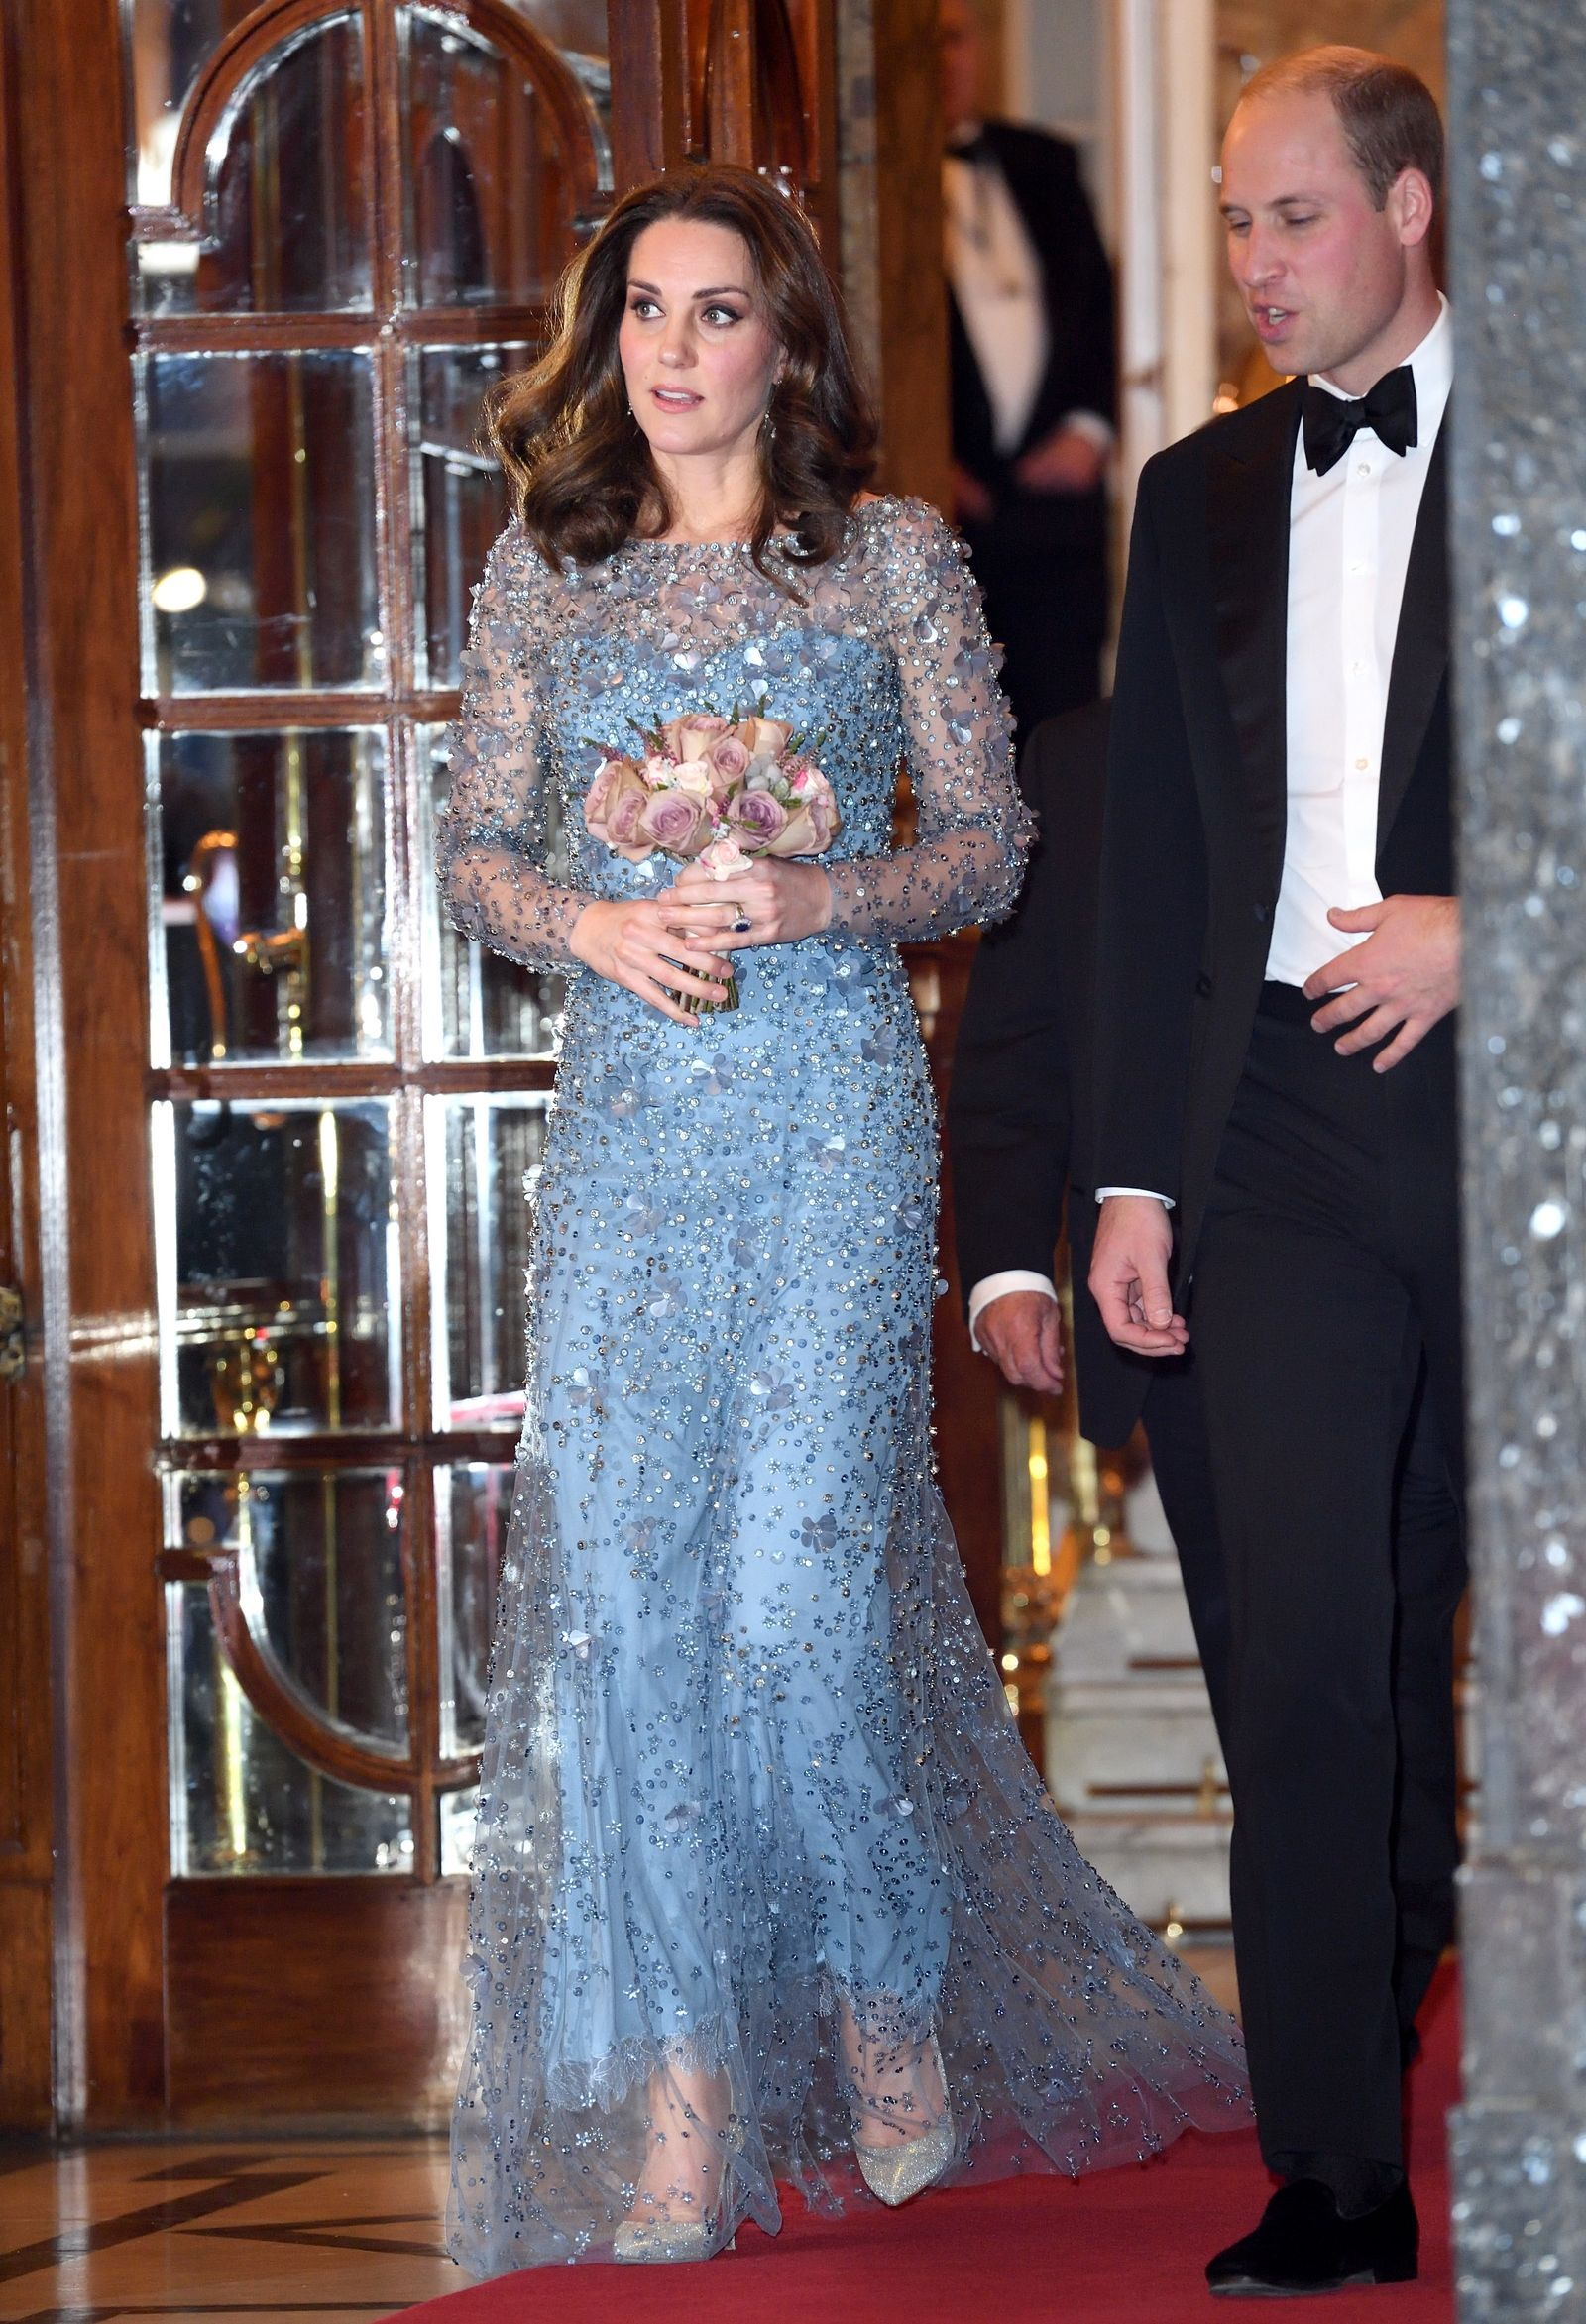 Se Kate Middleton non è una vera principessa con quest'abito blu! - CosmopolitanIT